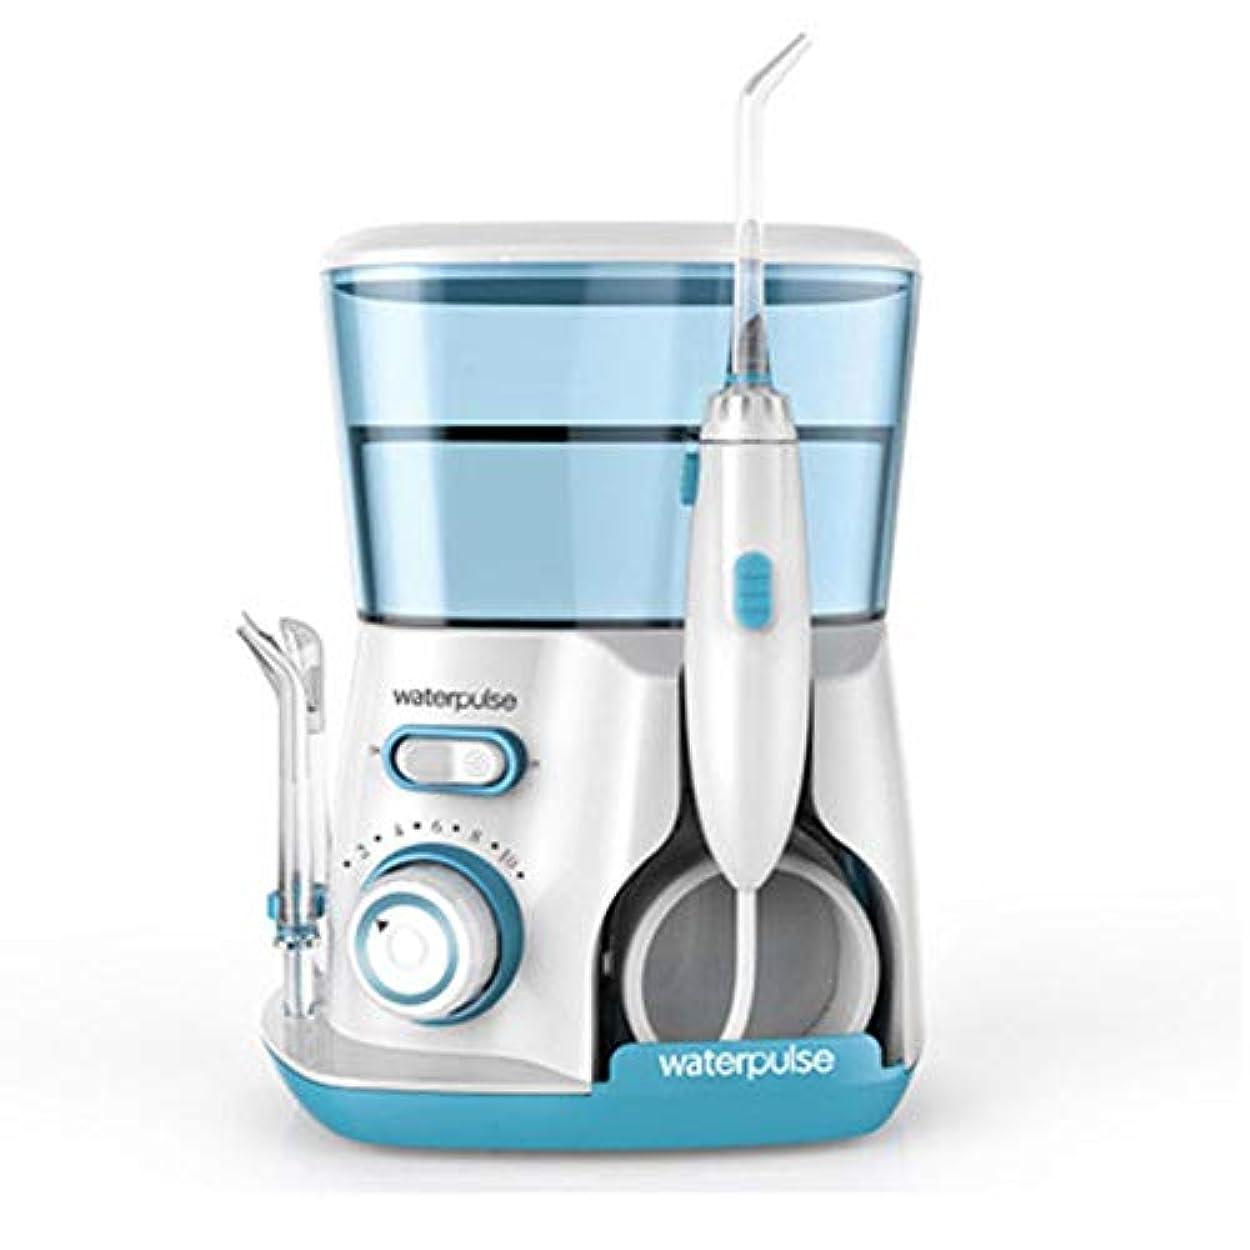 理由インゲンつづり水の容量800mlの5つの多機能ヒントのカウンタートップ歯科口腔洗浄器でリークプルーフ電気静かな設計ホーム&トラベル (色 : Green)